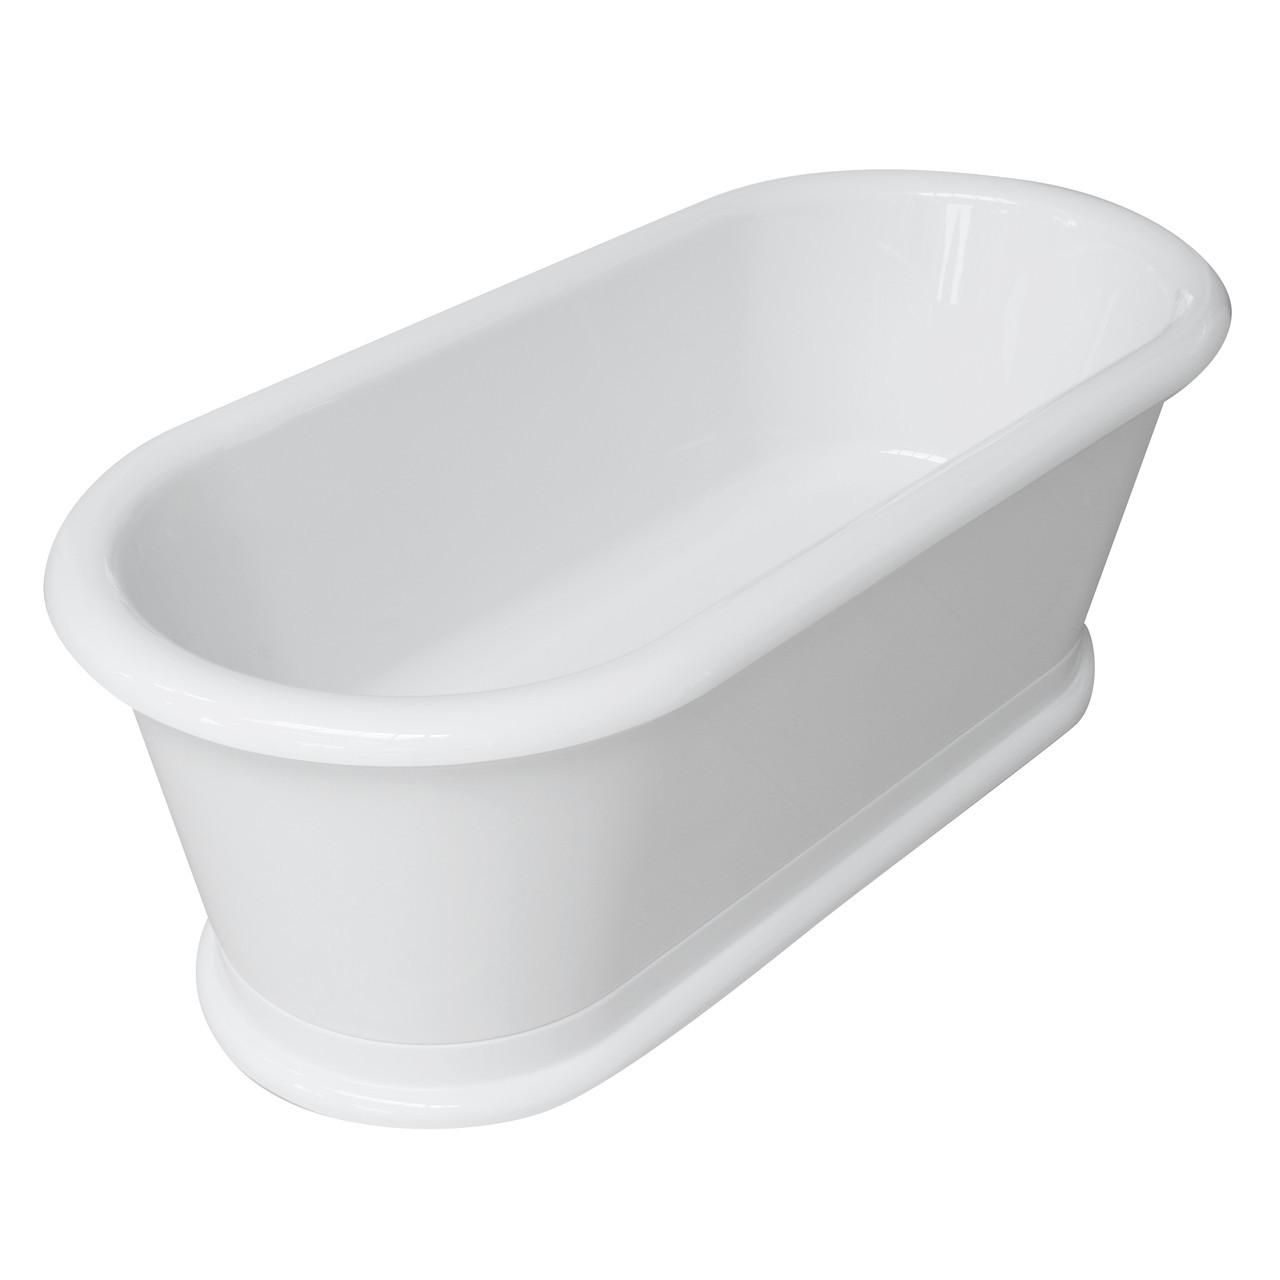 Ванна Volle 180х85 12-22-807